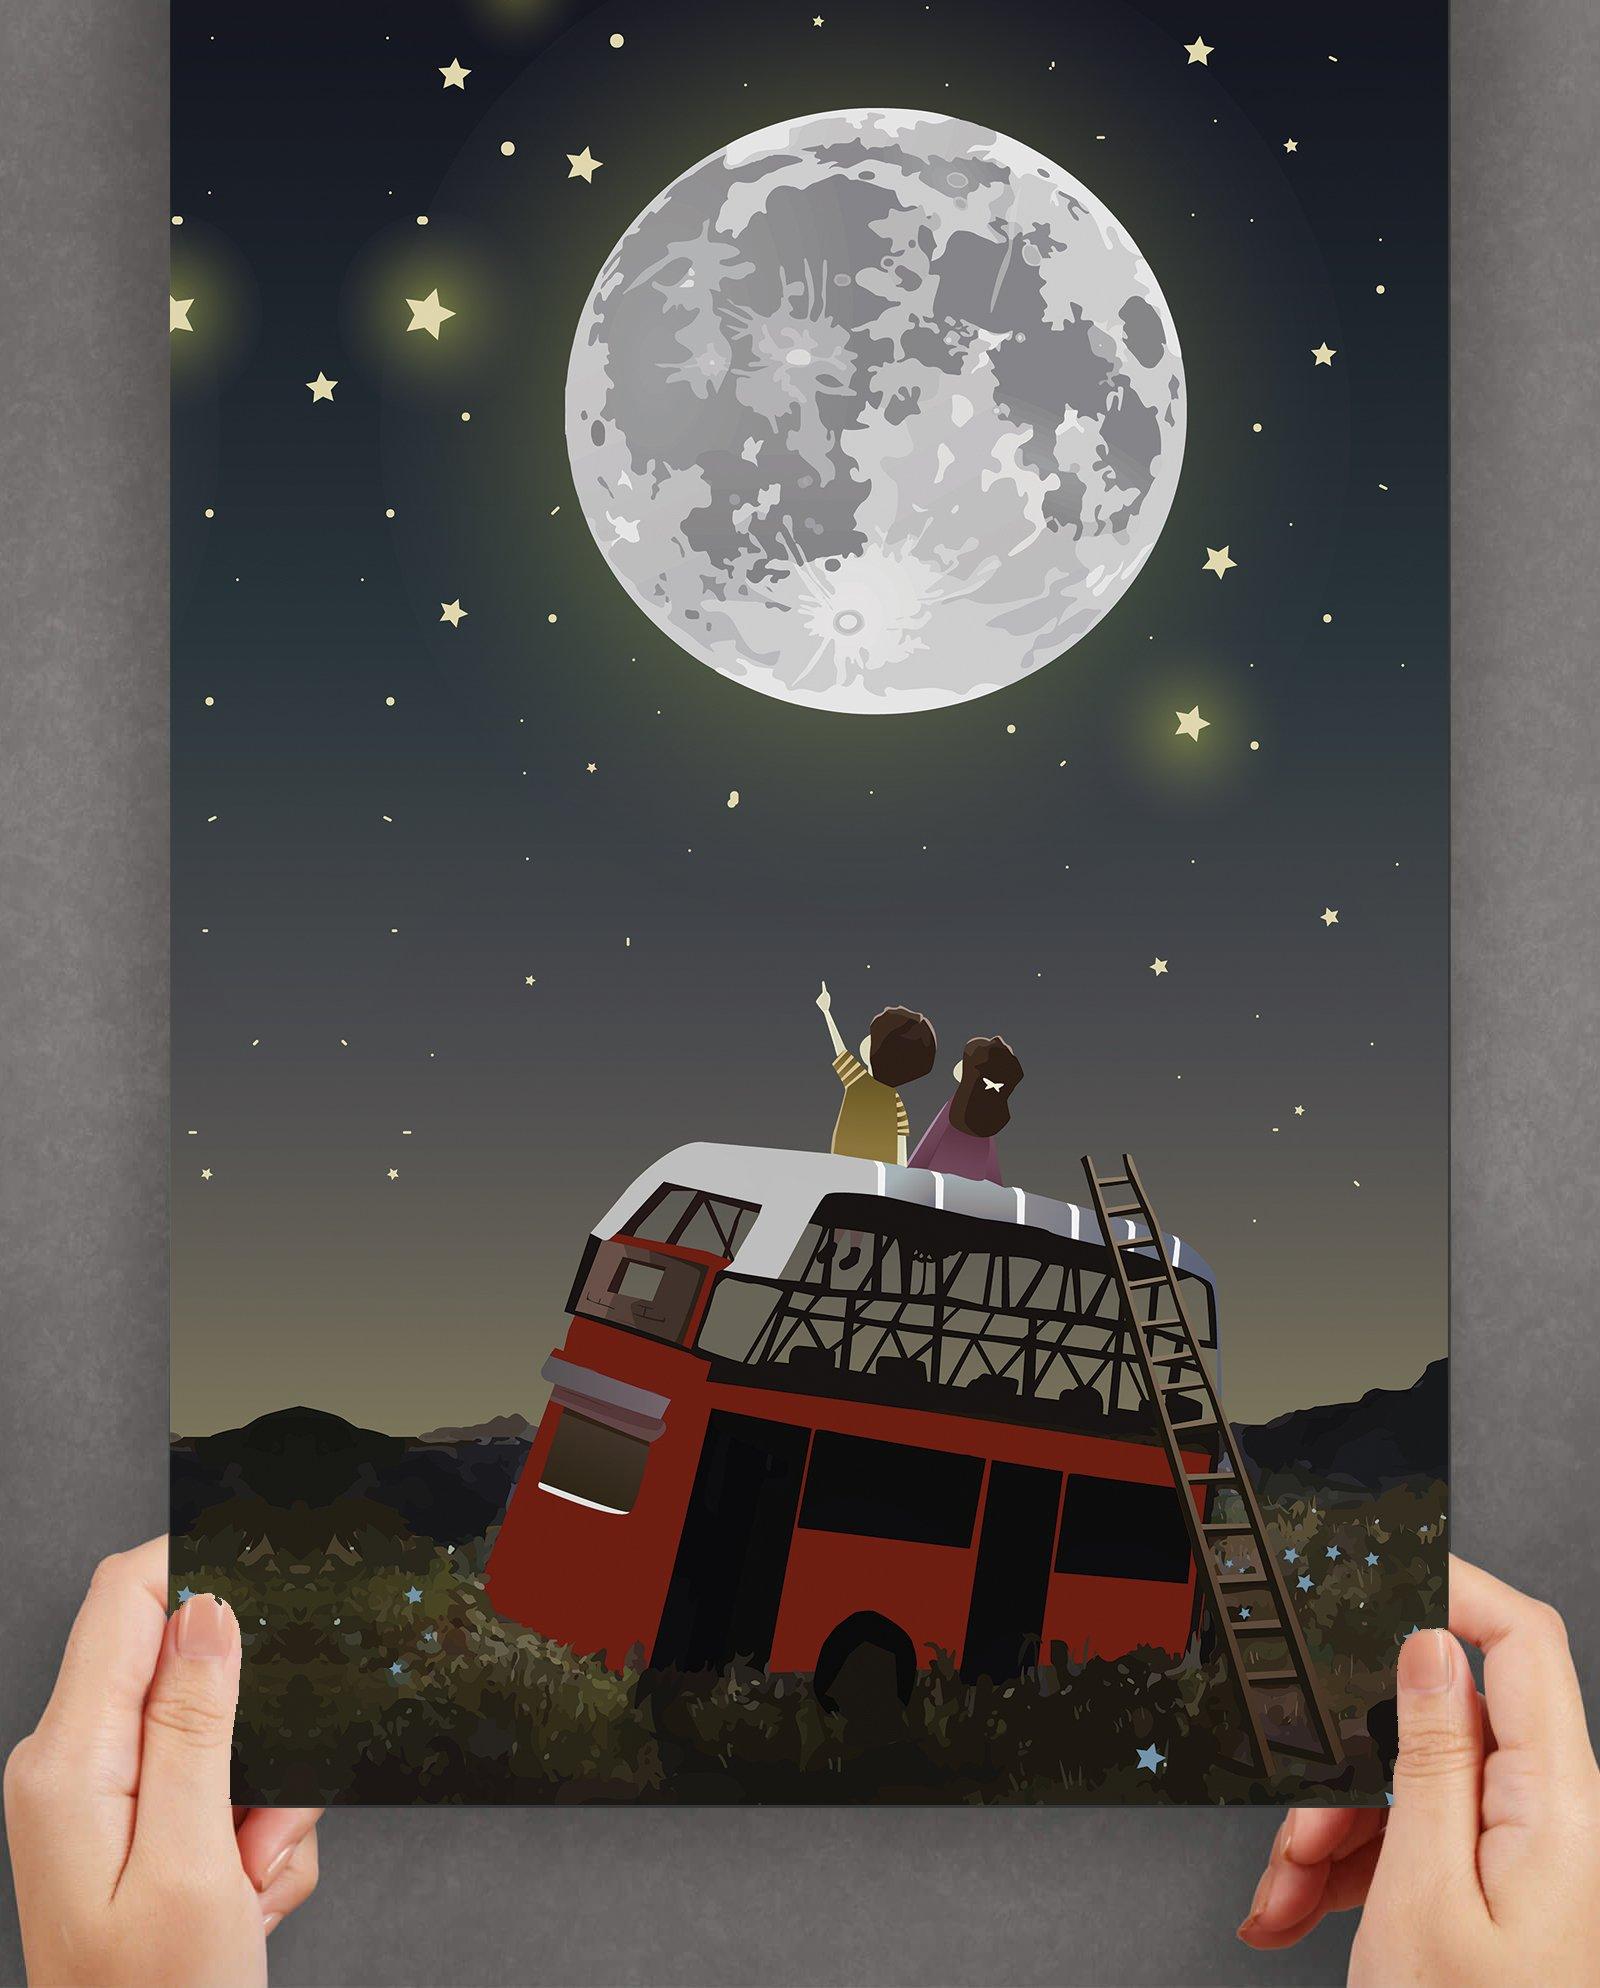 stjernehimmel-plakat-3